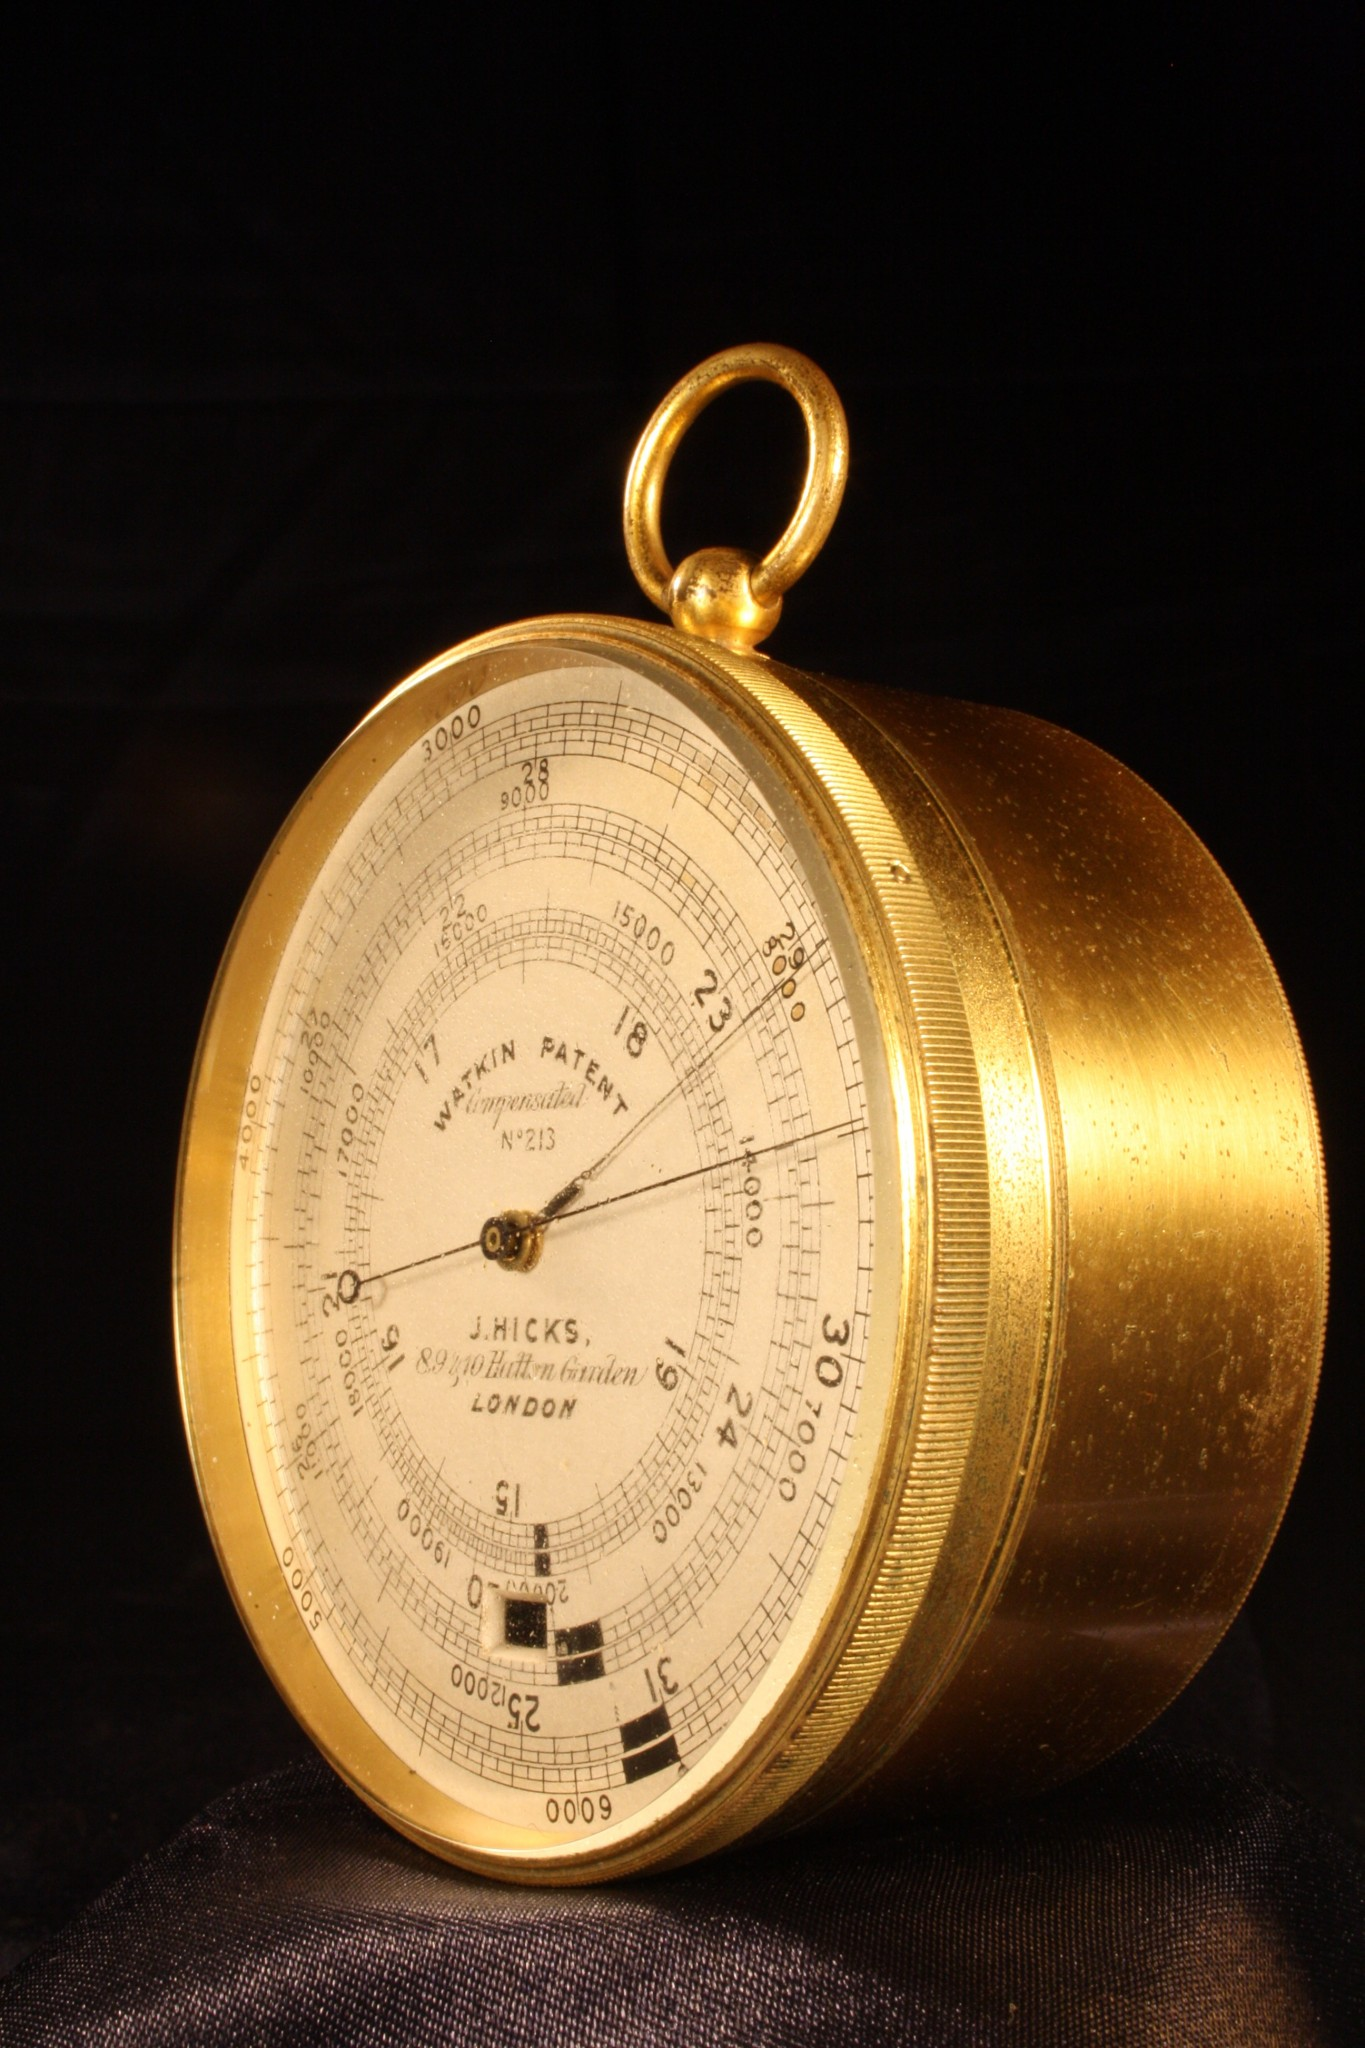 Image of Watkin Patent Altimeter No 213